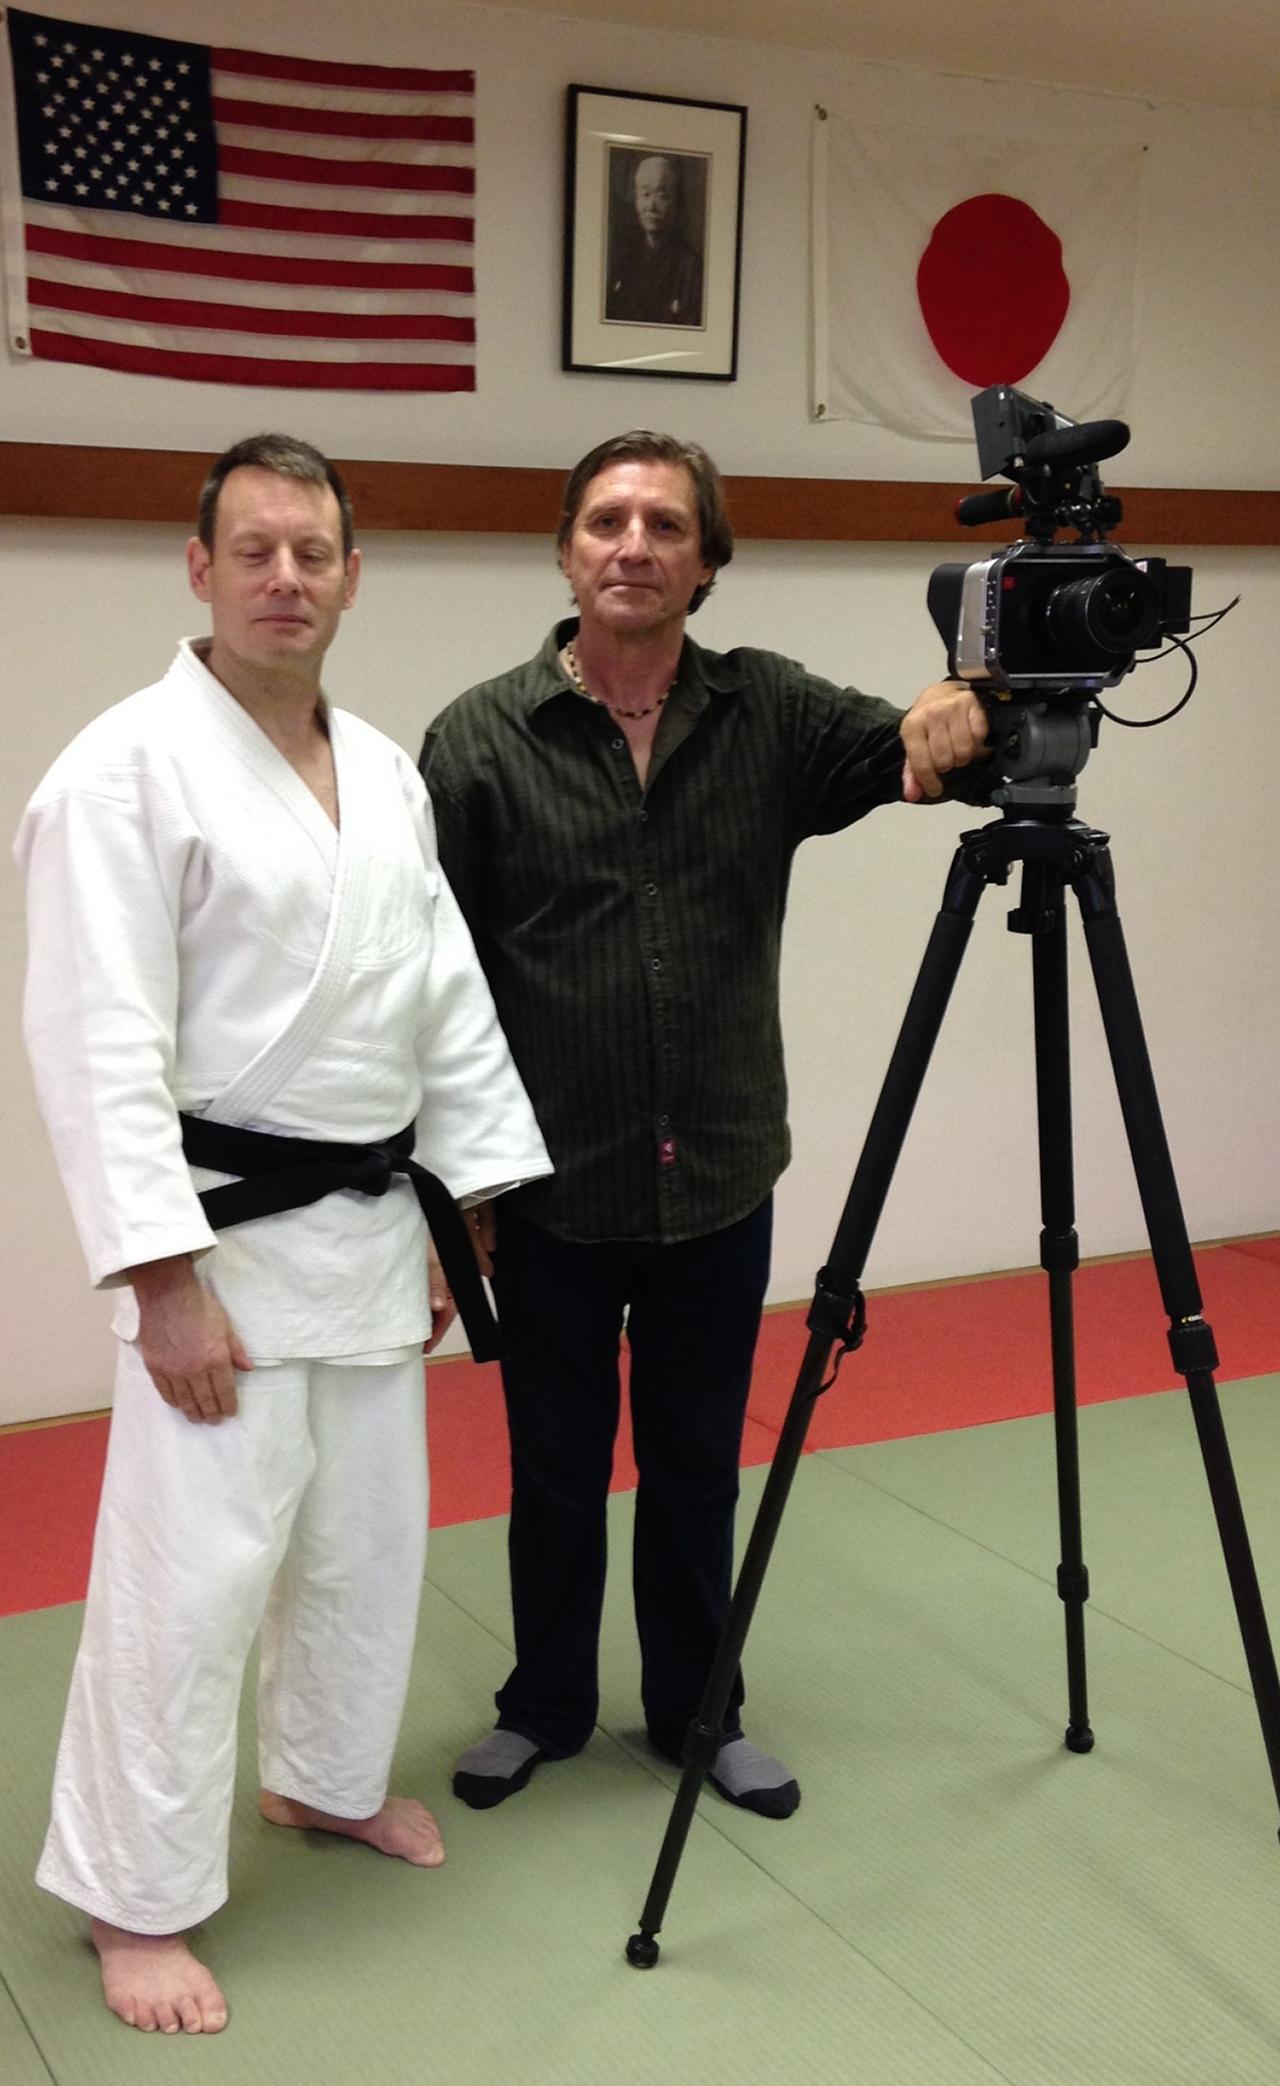 John Gage, 8th dan Judo and Nihon-Jujutsu